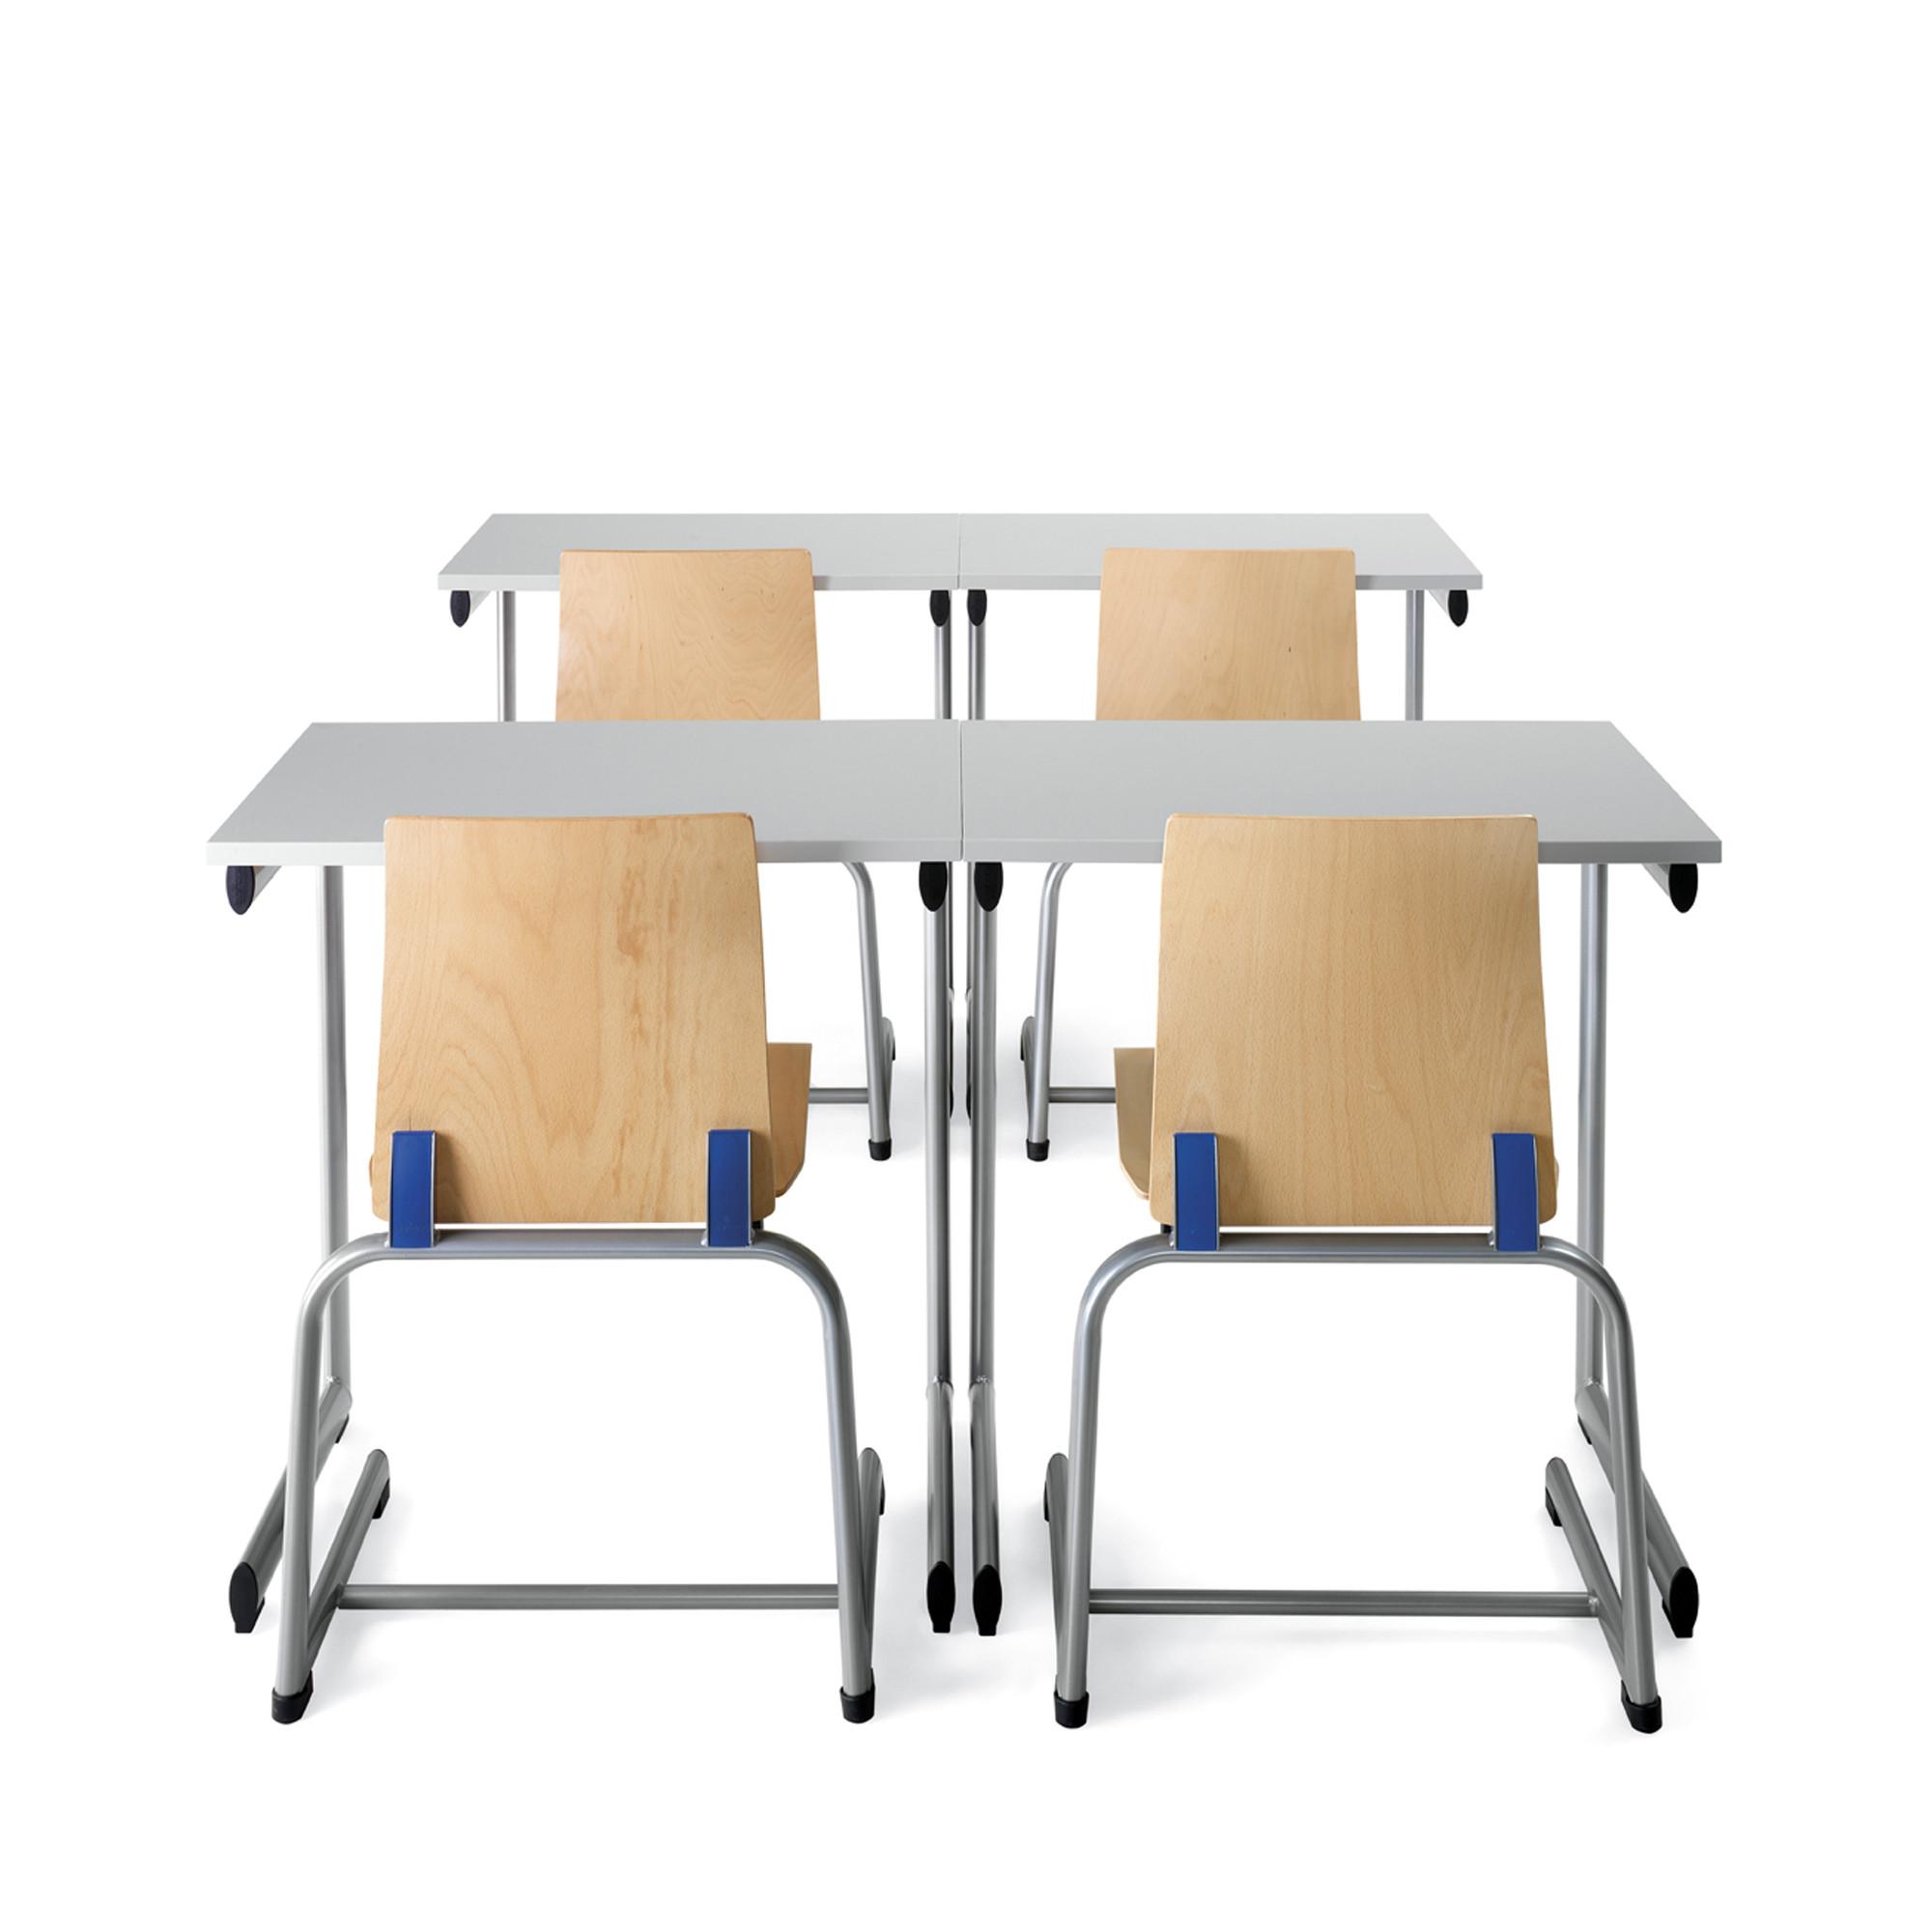 Ahrend 452 Education Chair